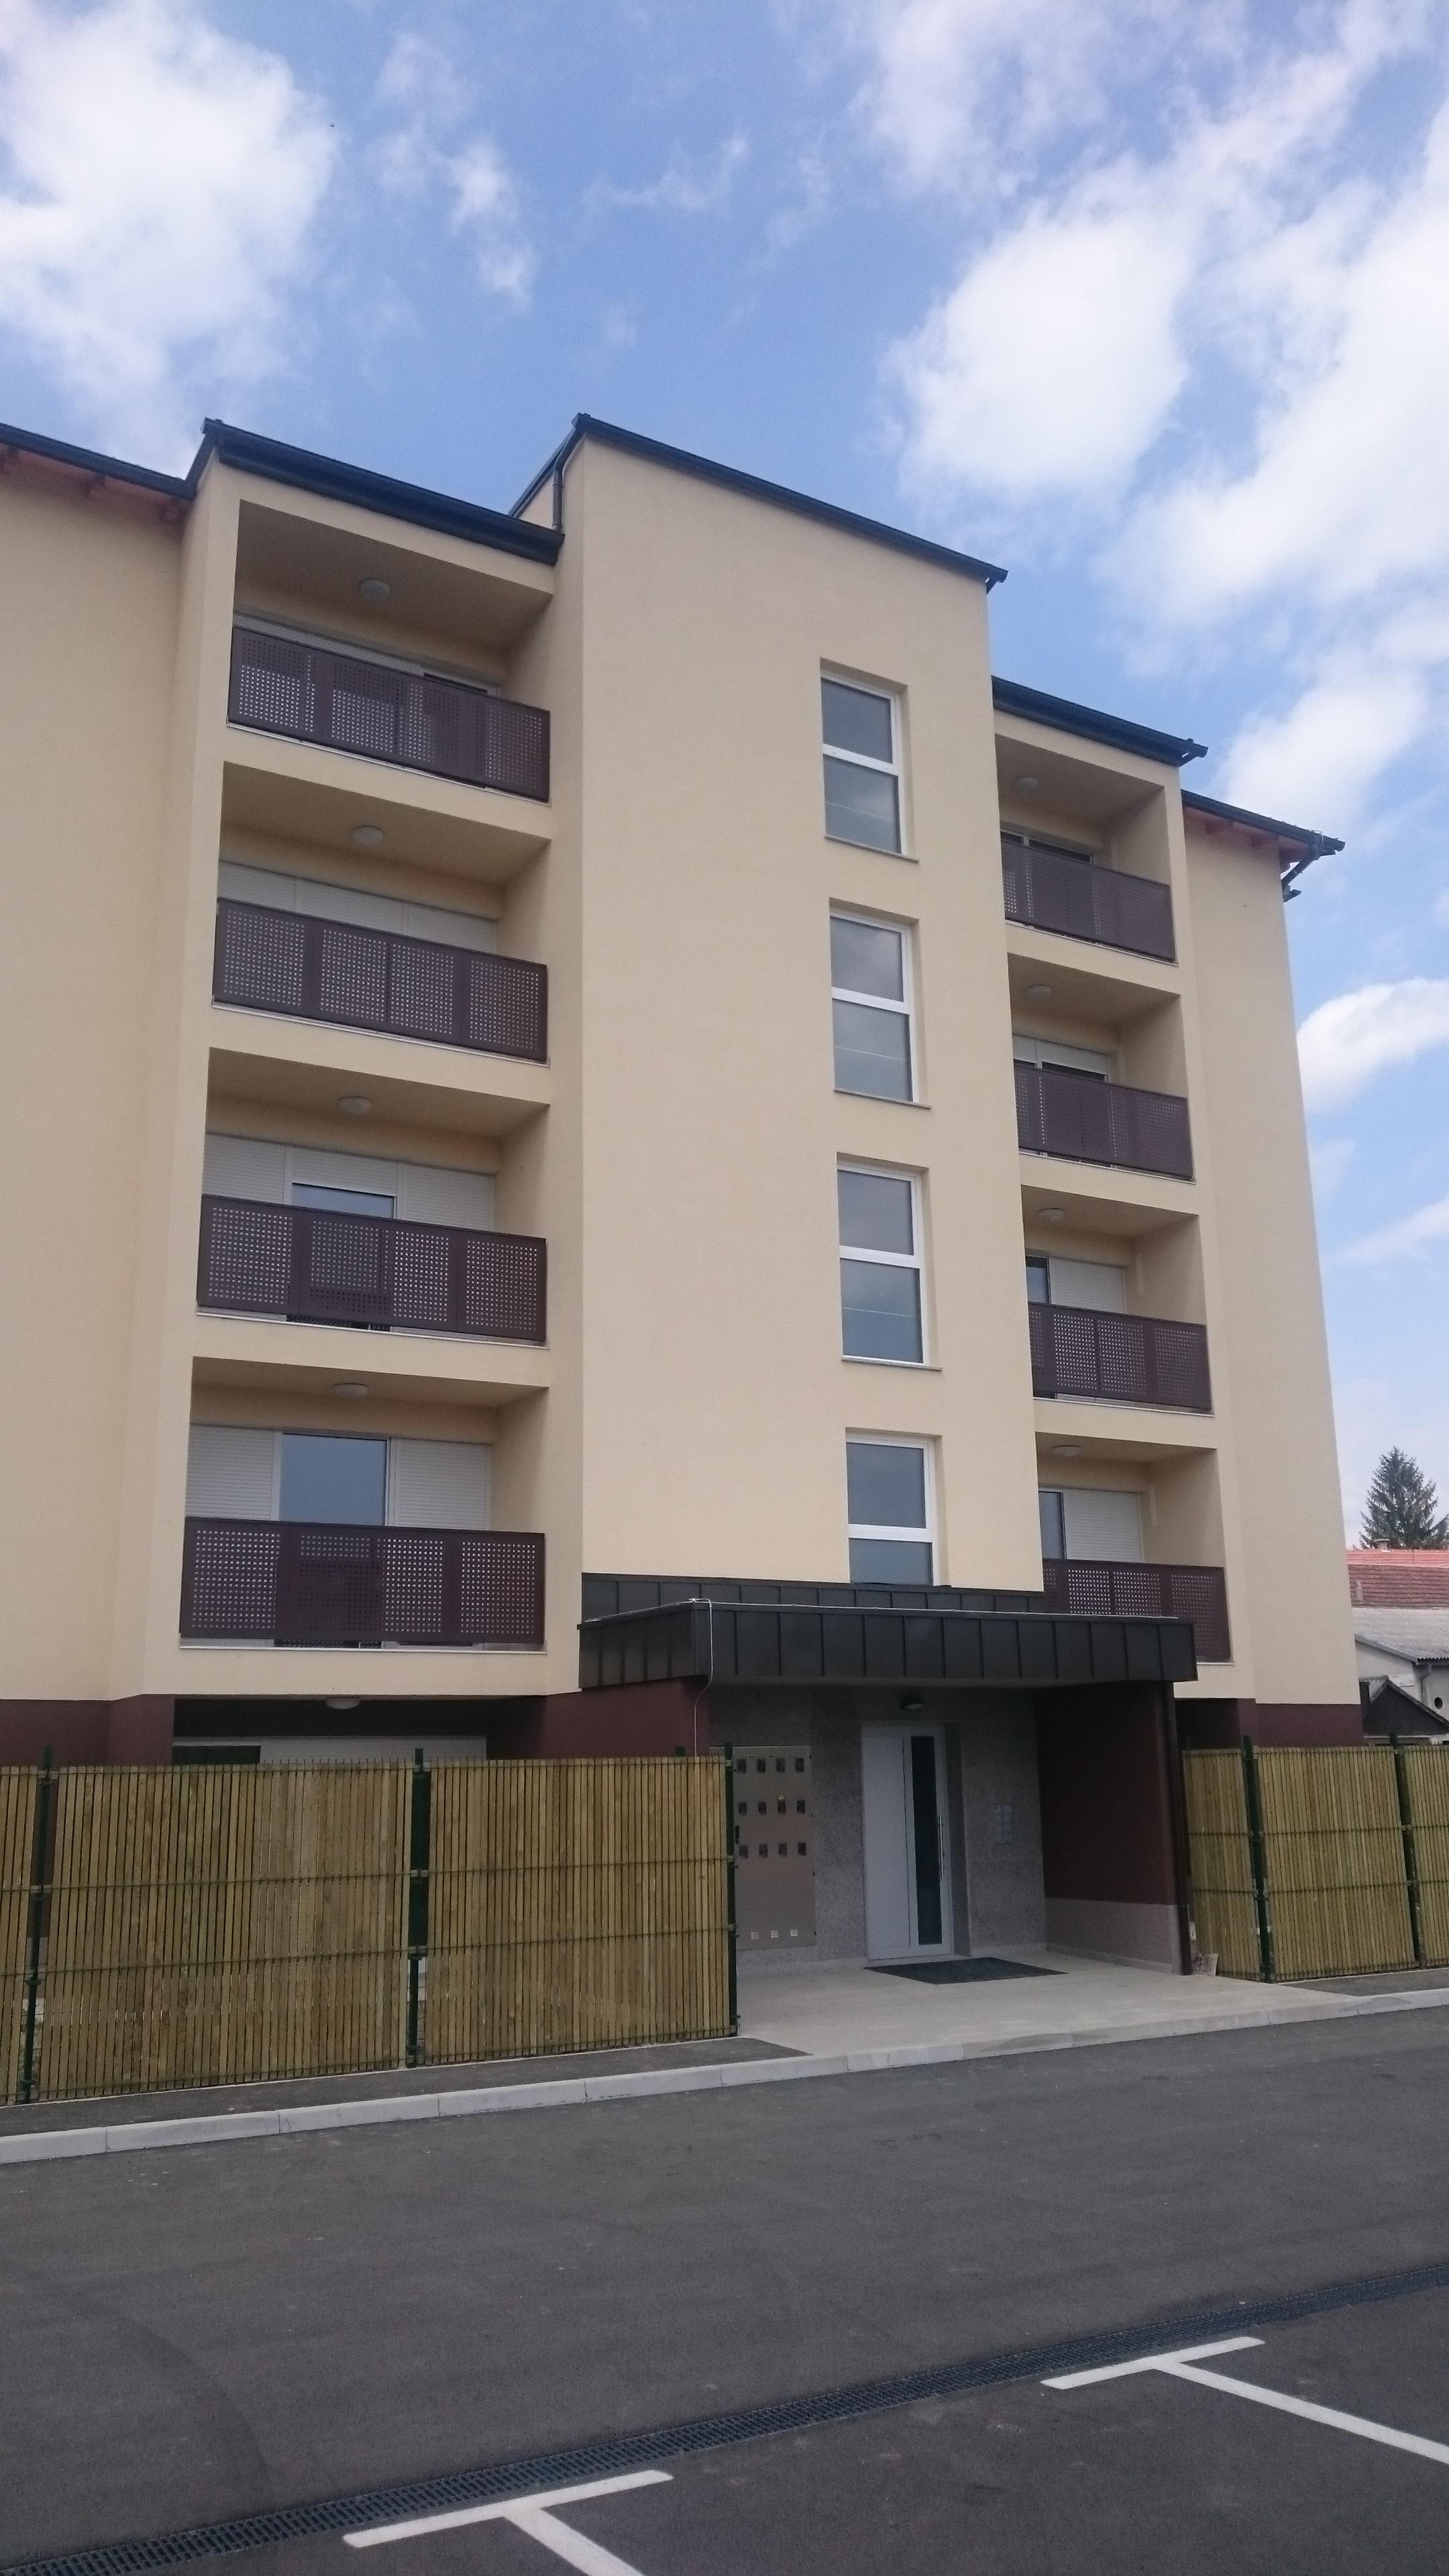 Dvosobno stanovanje z atrijem ob Rinži, Kočevje S-4 (novogradnja)